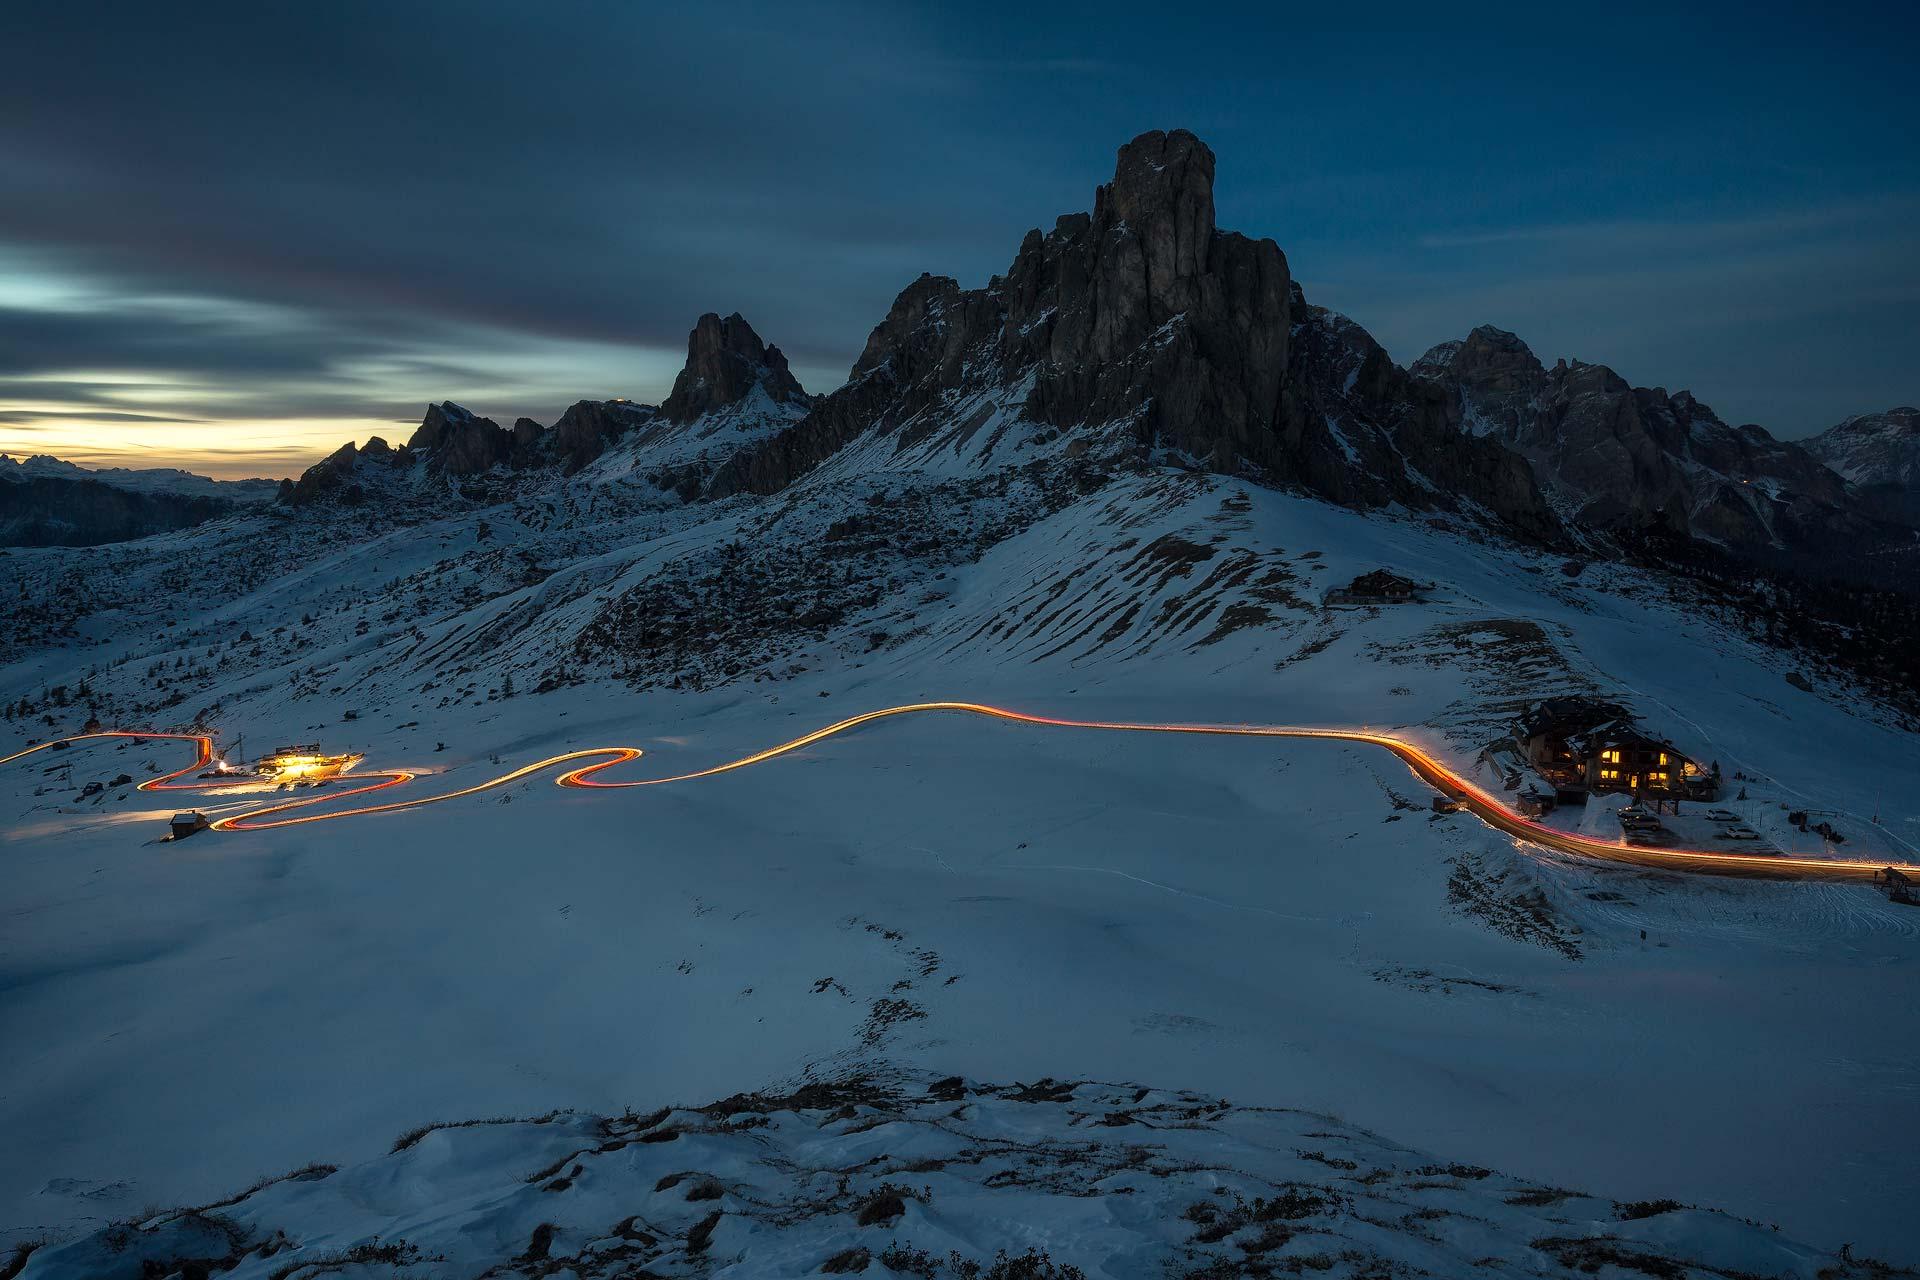 Fine Art Photography Award 3th Edition - Federico Antonello